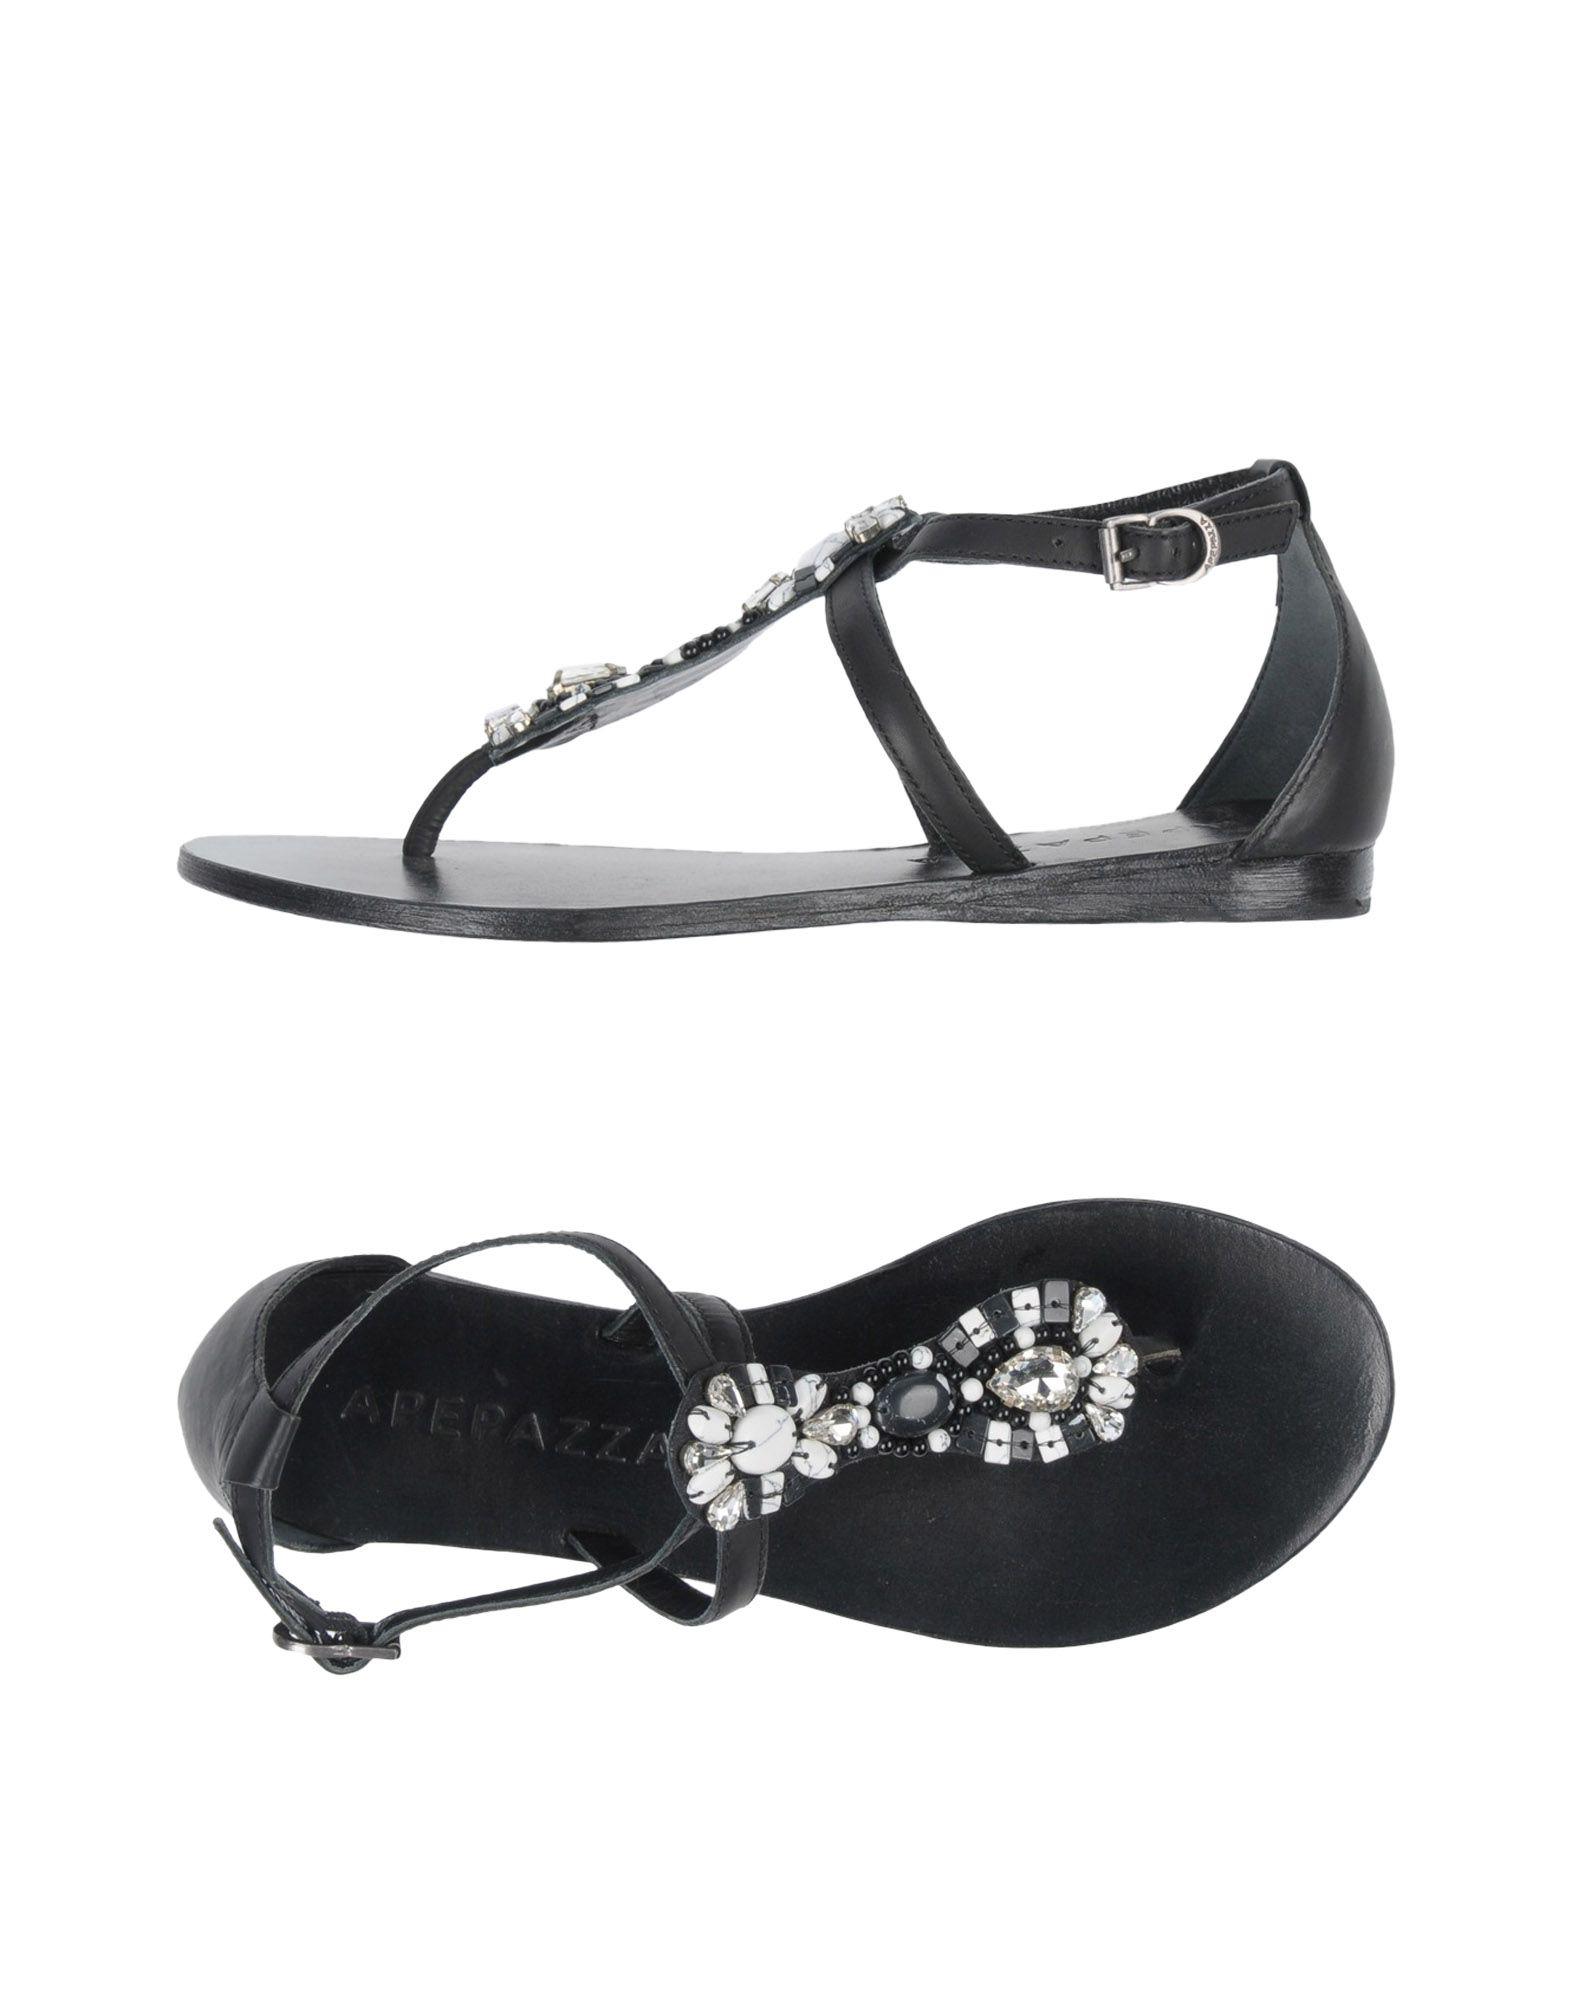 Apepazza Dianetten Damen  11481150SU Gute Qualität beliebte Schuhe